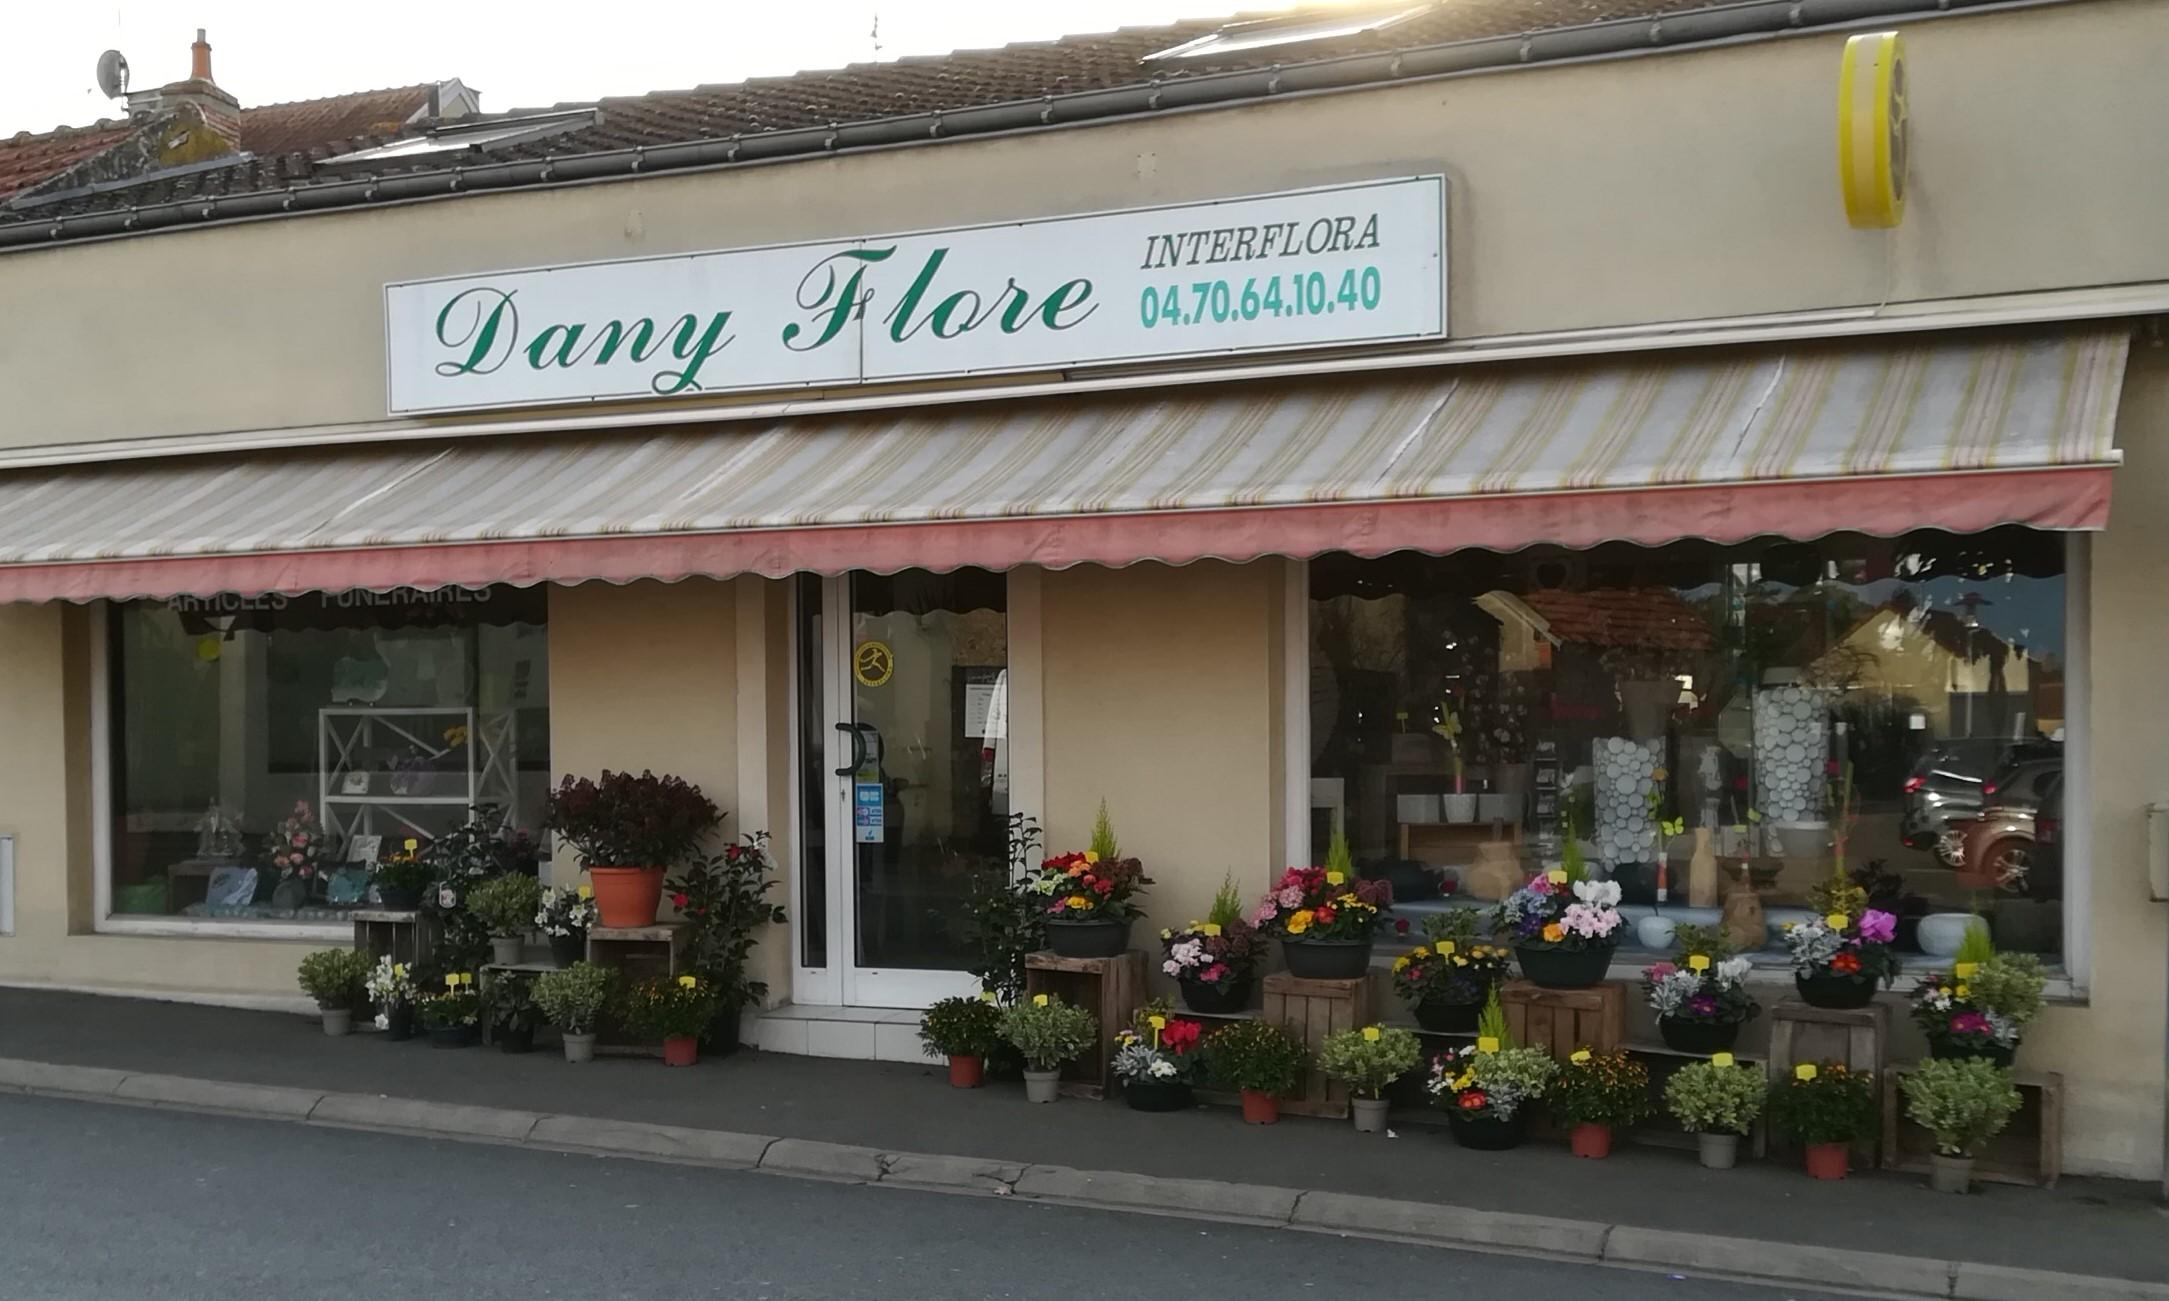 En toute occasion Dany Flore ( Interflora ) sera à votre service pour vous aider et vous conseiller. Ouvert  du mardi au vendredi de 09h00 à 19h00 le samedi de 09h00 à 19h30 et le dimanche de 09h00 à 12h30.